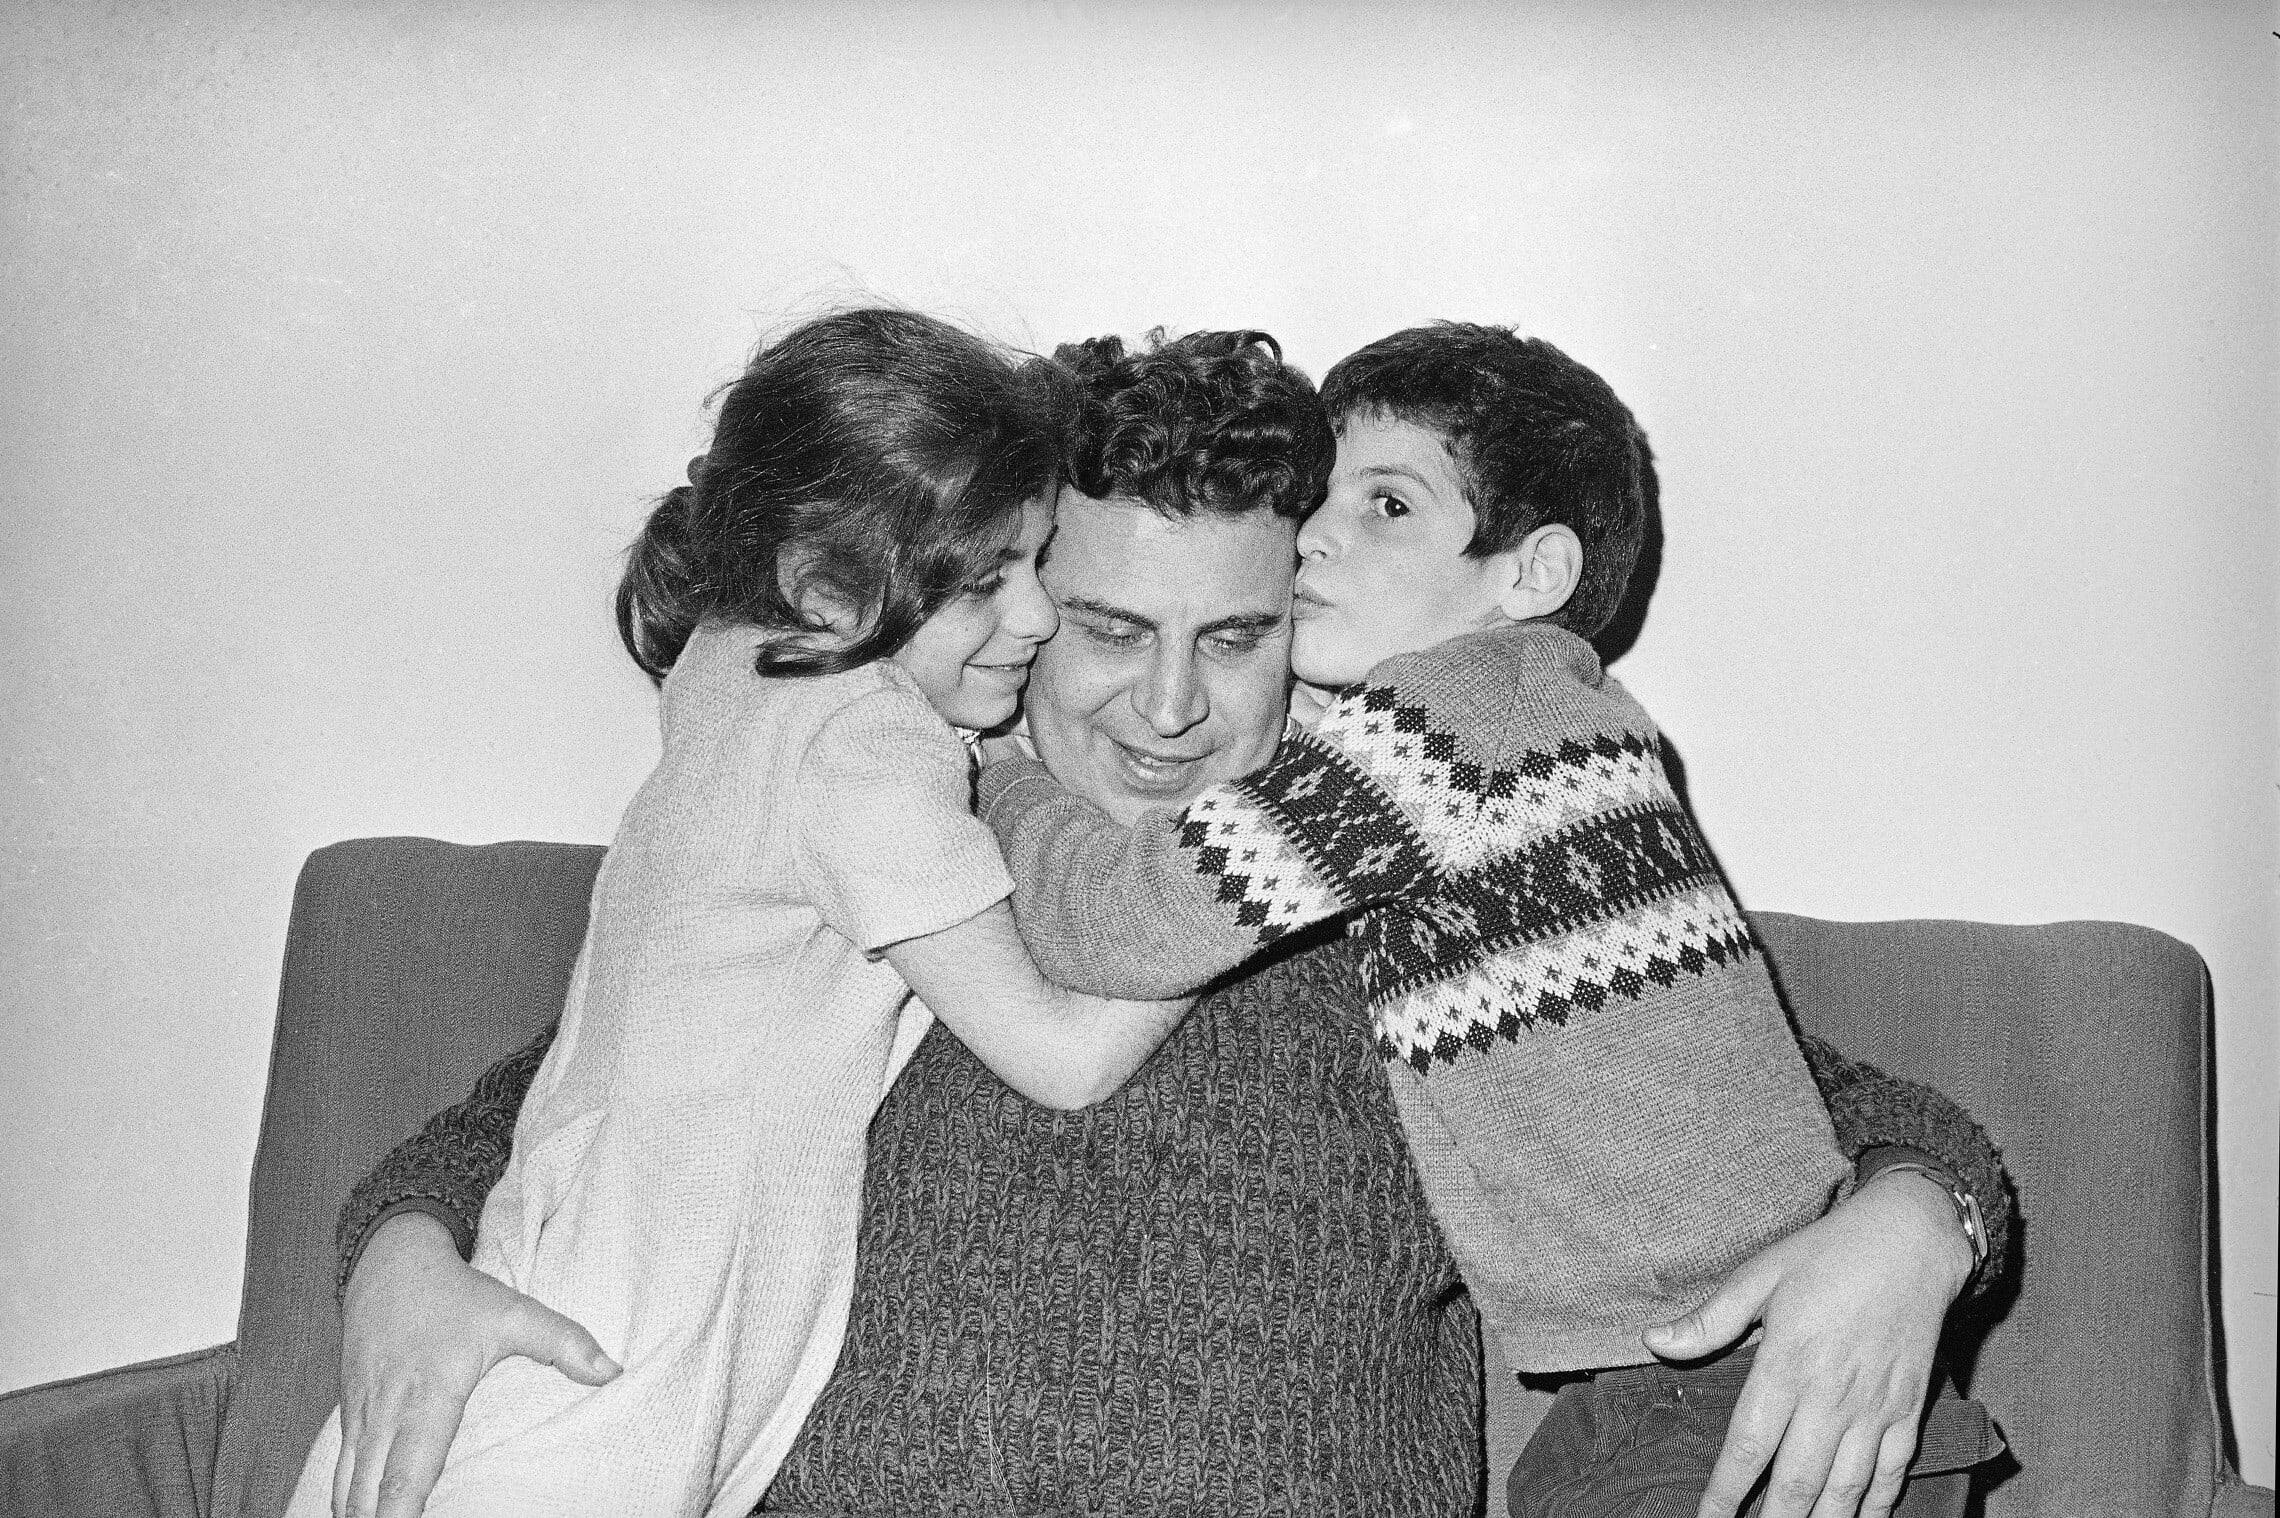 מיקיס תאודוראקיס עם שני ילדיו ב-1968 (צילום: AP Photo)